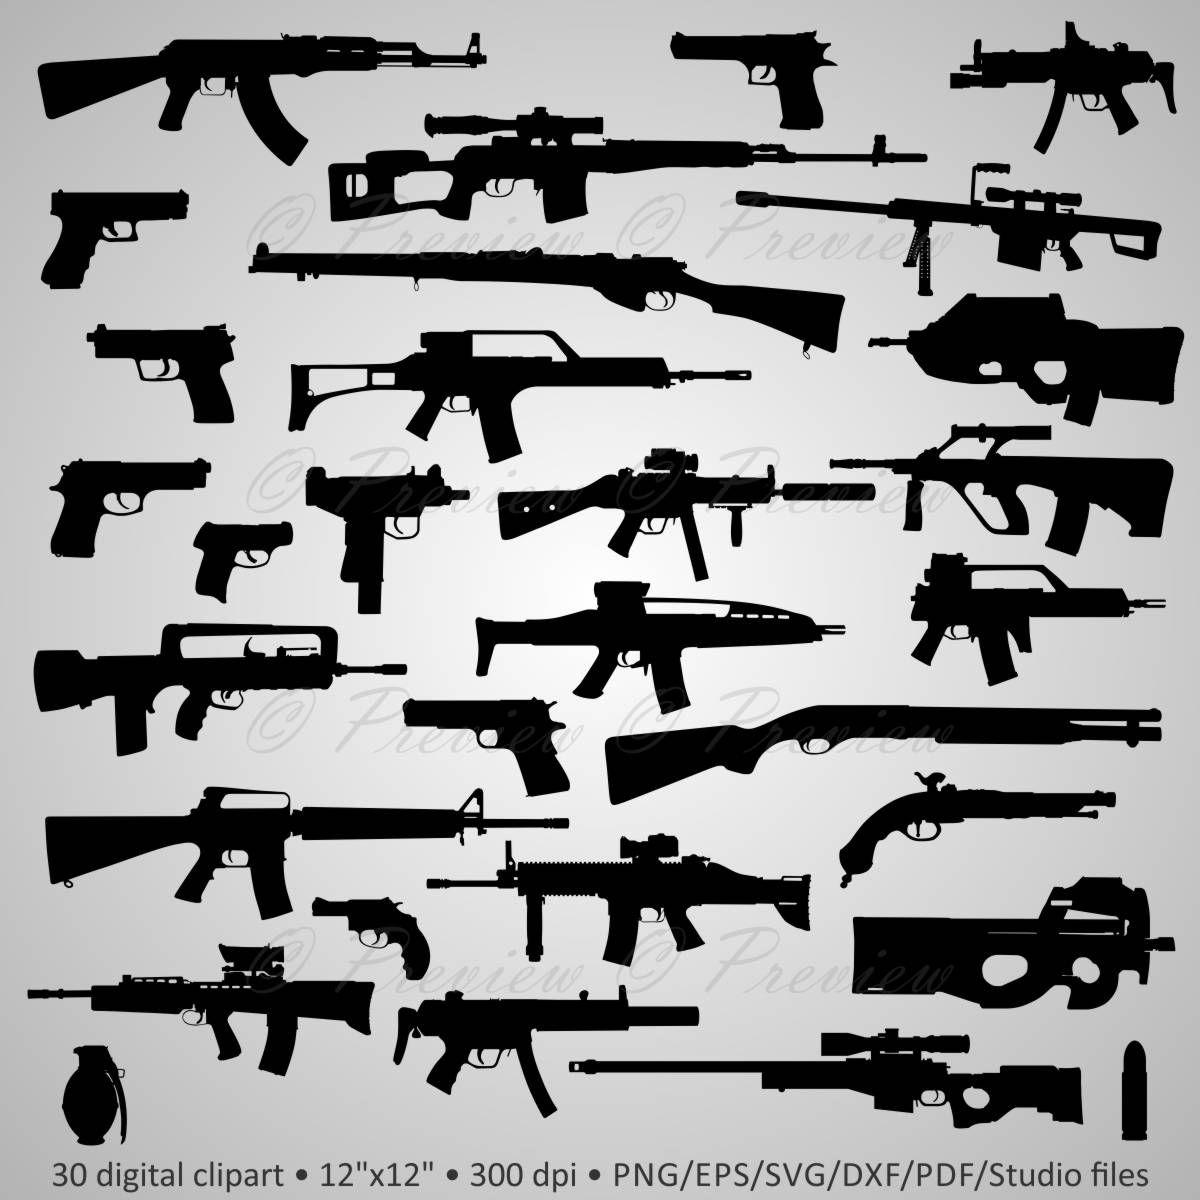 Buy 2 Get 1 Free! Digital Clipart Silhouettes Guns, Weapon AK-47 SVD M-16 Uzi Pistol Glock Beretta i #tattoodesıngman